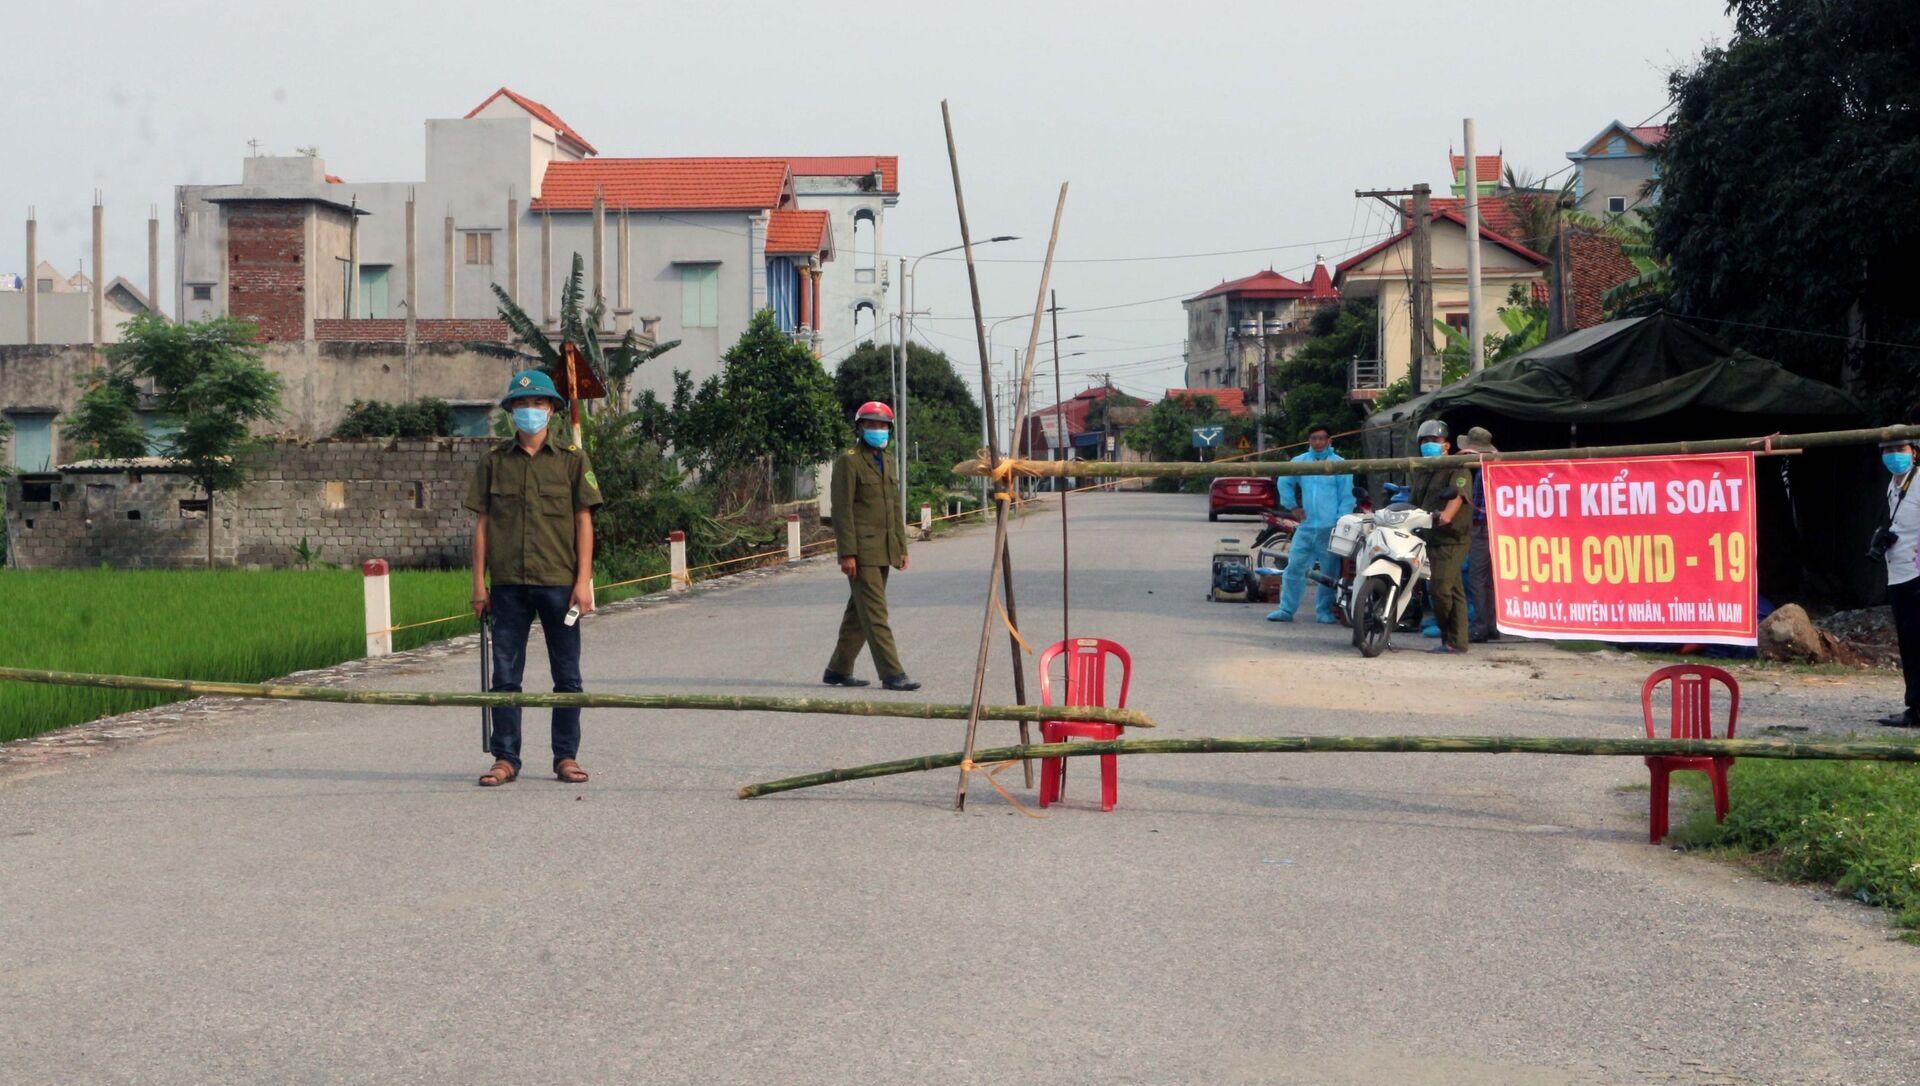 Lực lượng chức năng lập 5 chốt phong tỏa thôn Quan Nhân, xã Nhân Đạo, huyện Lý Nhân nới ở bệnh nhân COVID-19. - Sputnik Việt Nam, 1920, 19.05.2021